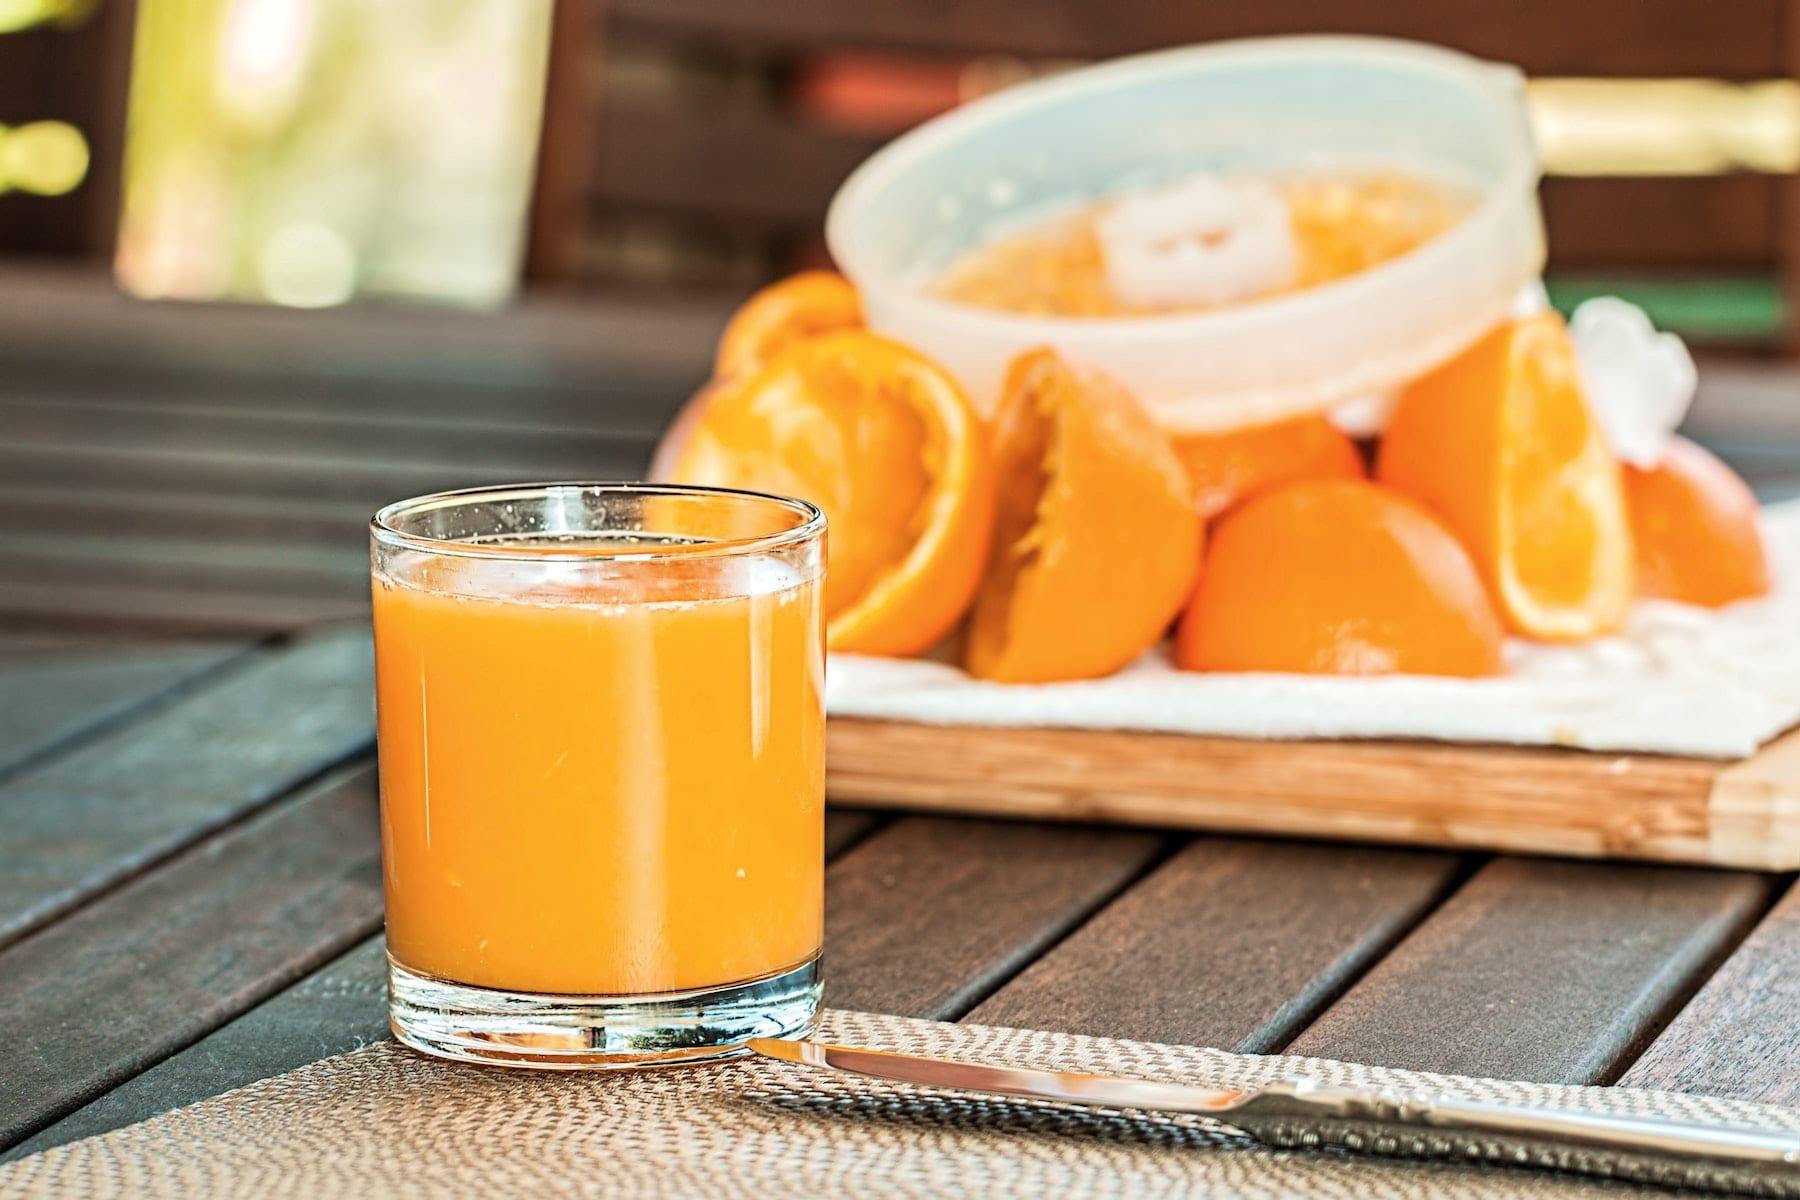 Appelsin protein shake